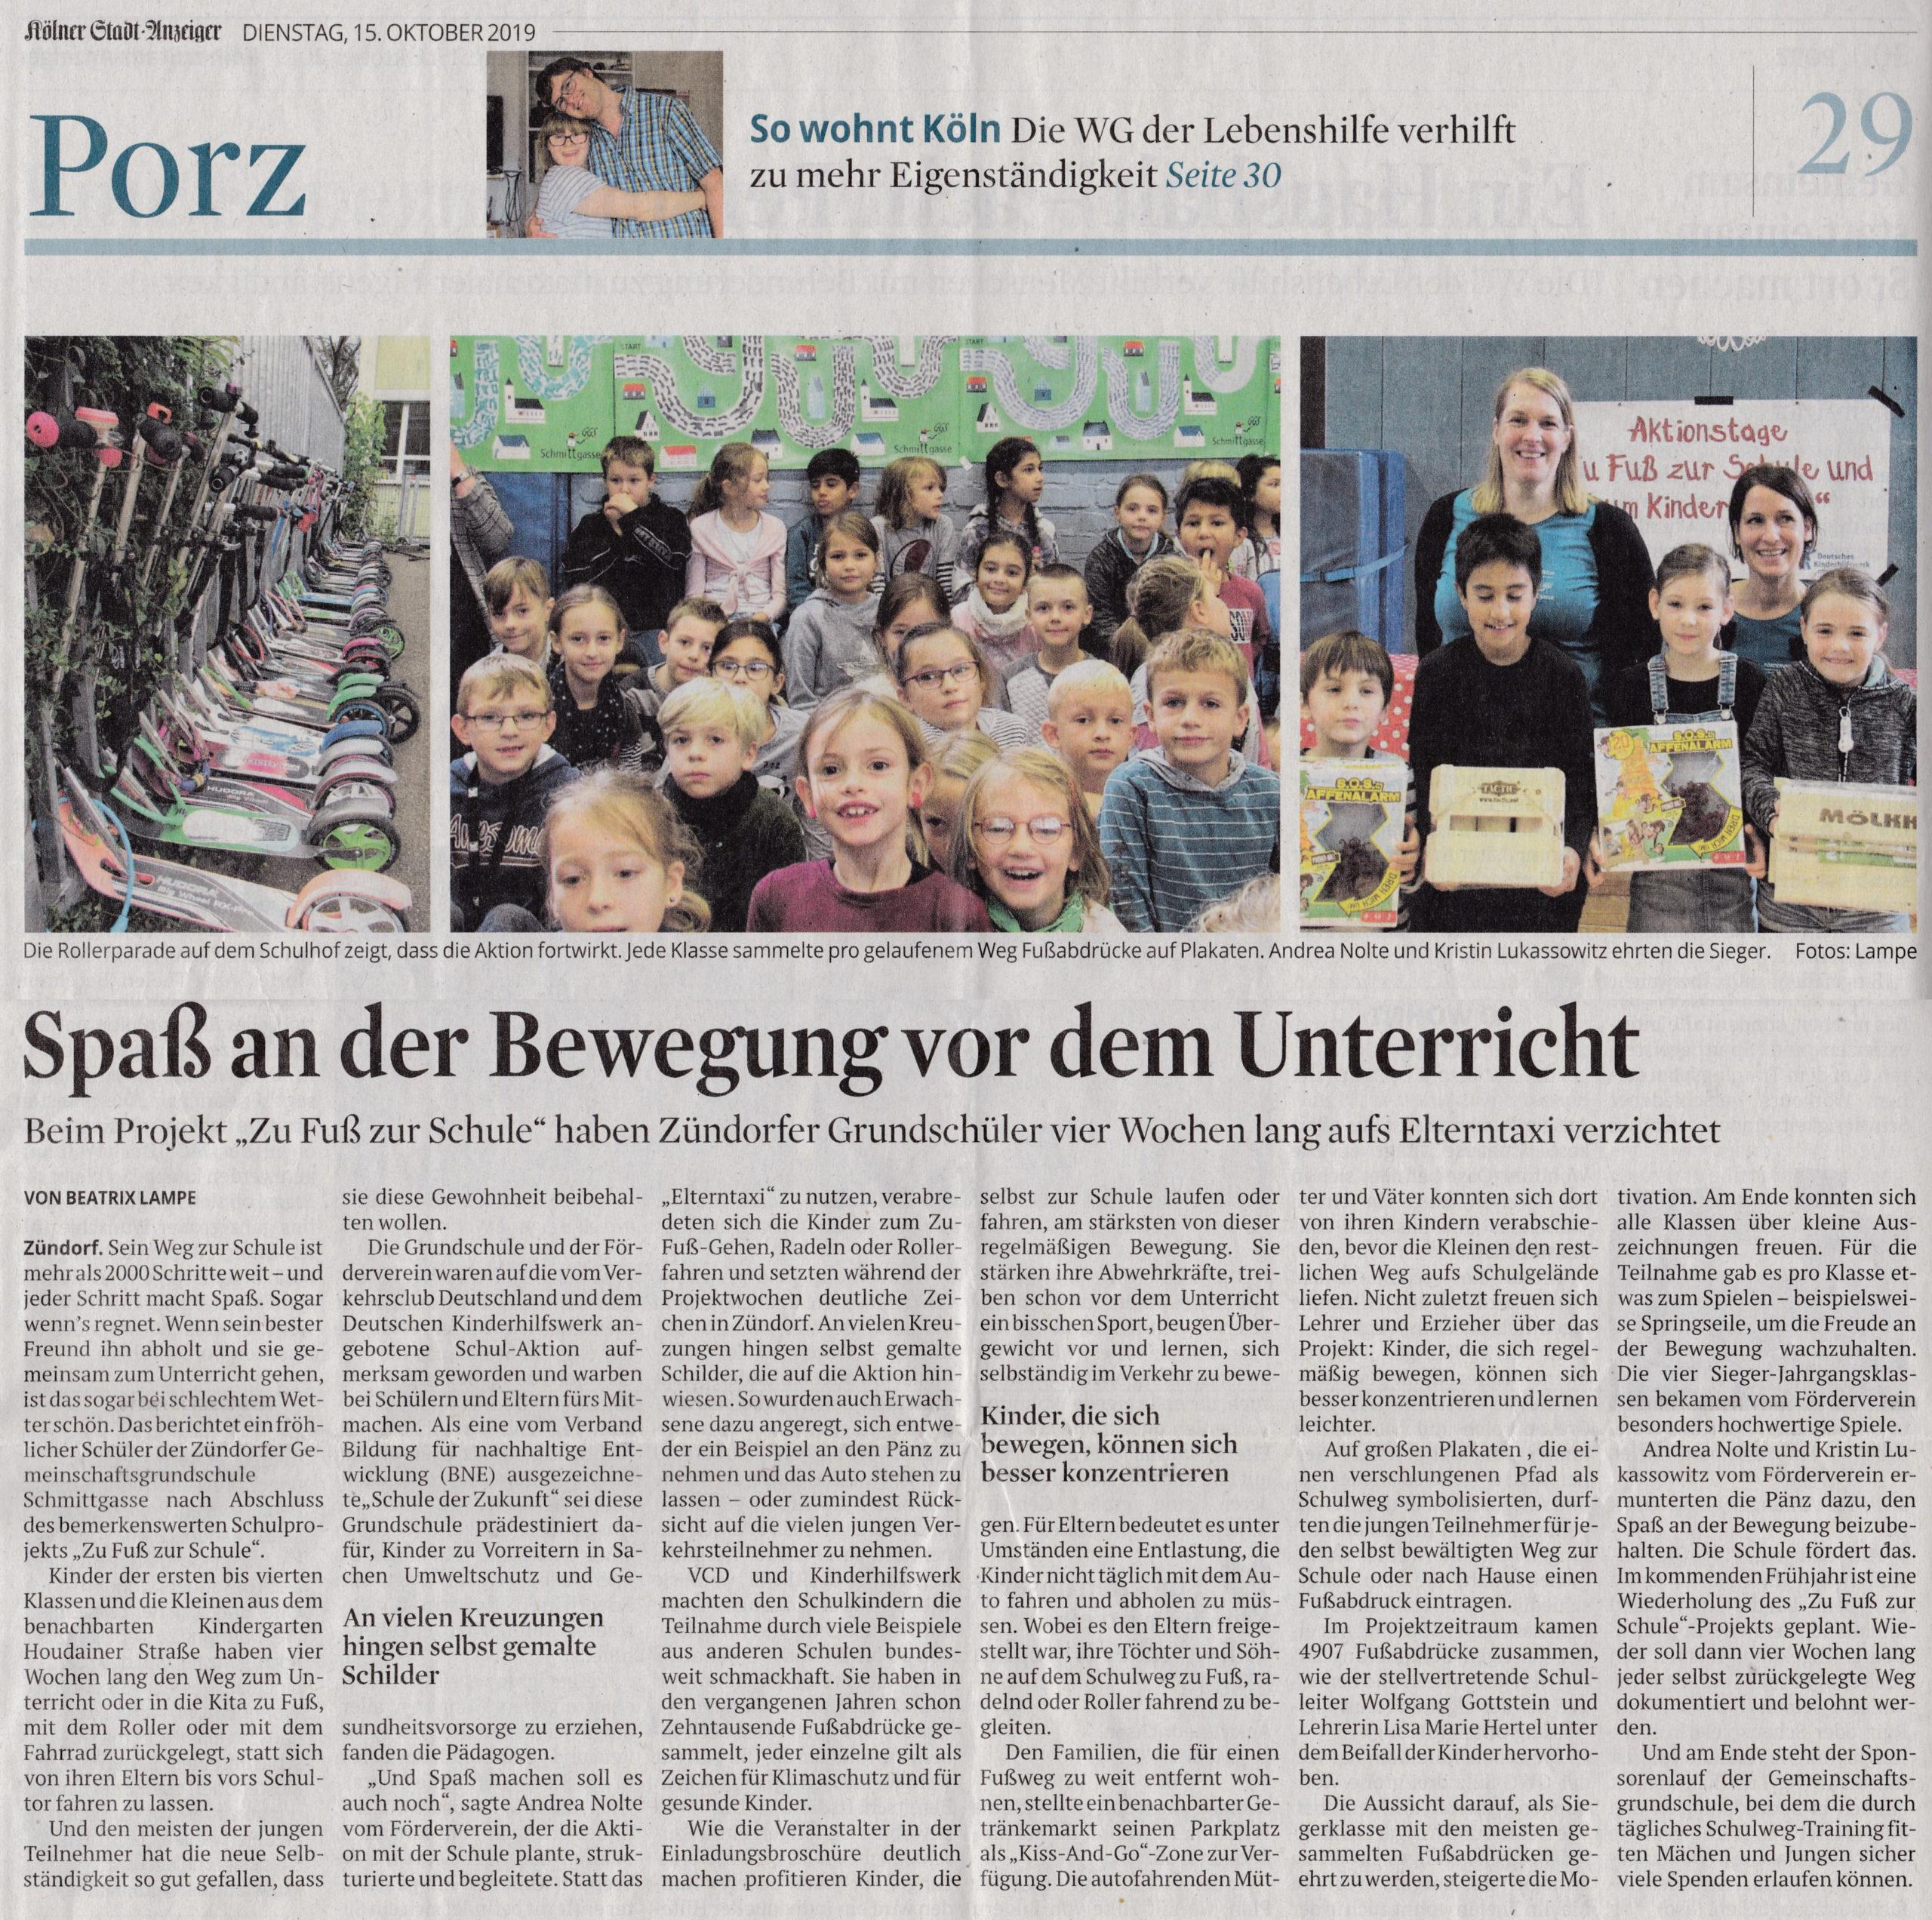 15.10.2019 Kölner Stadtanzeiger